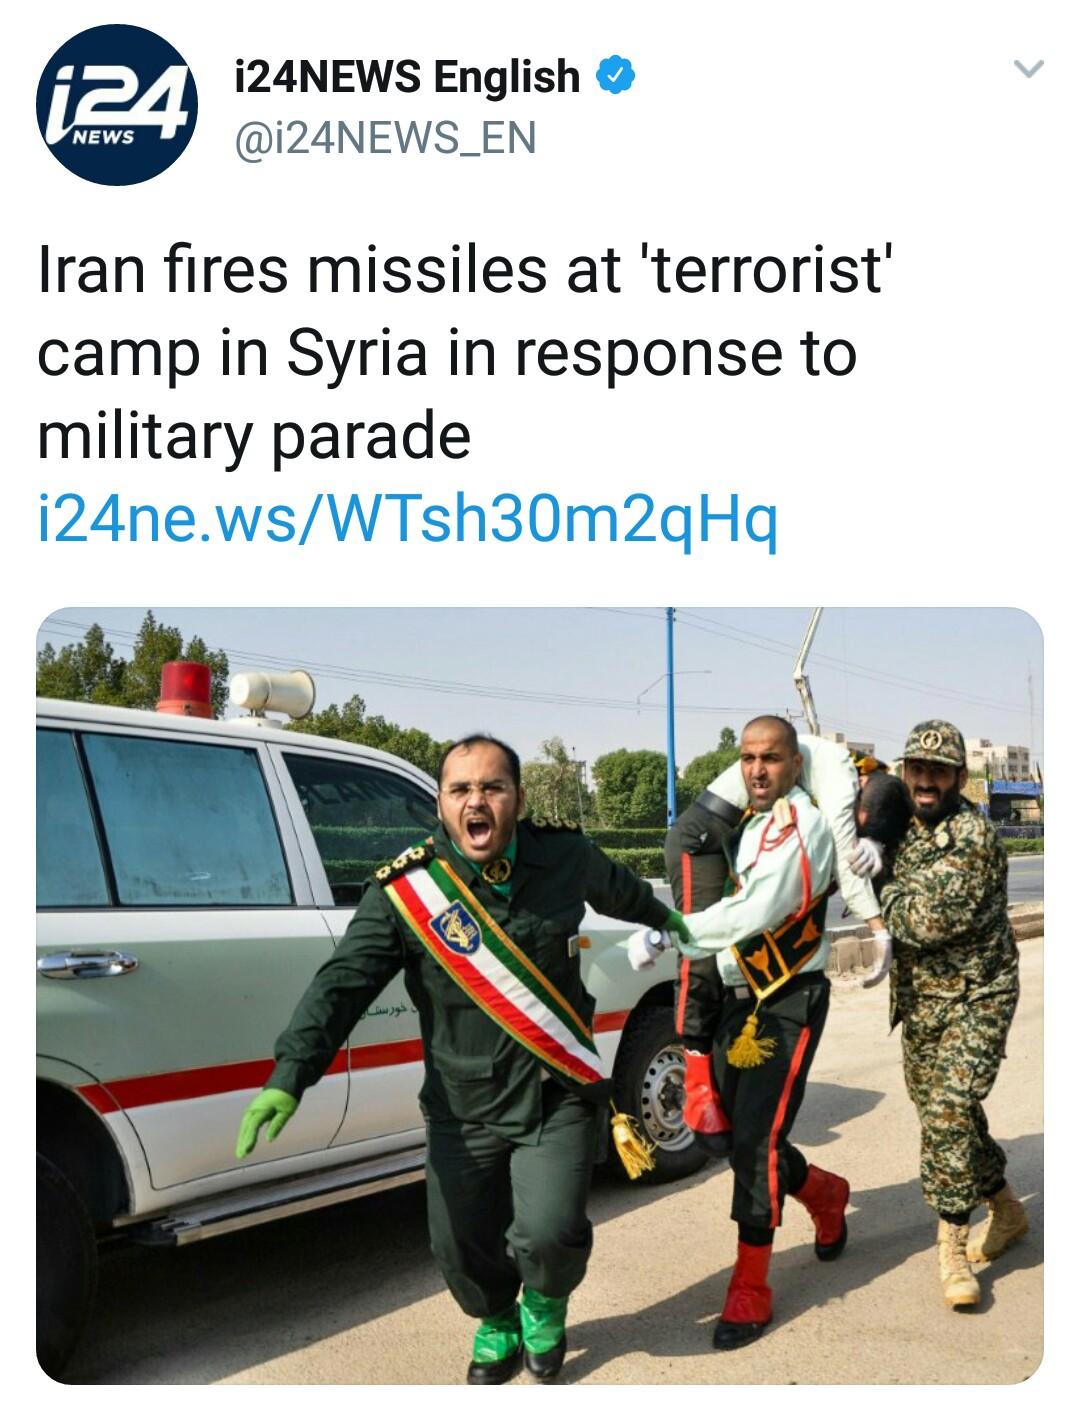 بازتاب حمله موشکی سپاه به مواضع طراحان حمله تروریستی اهواز در رسانههای خارجی - 27